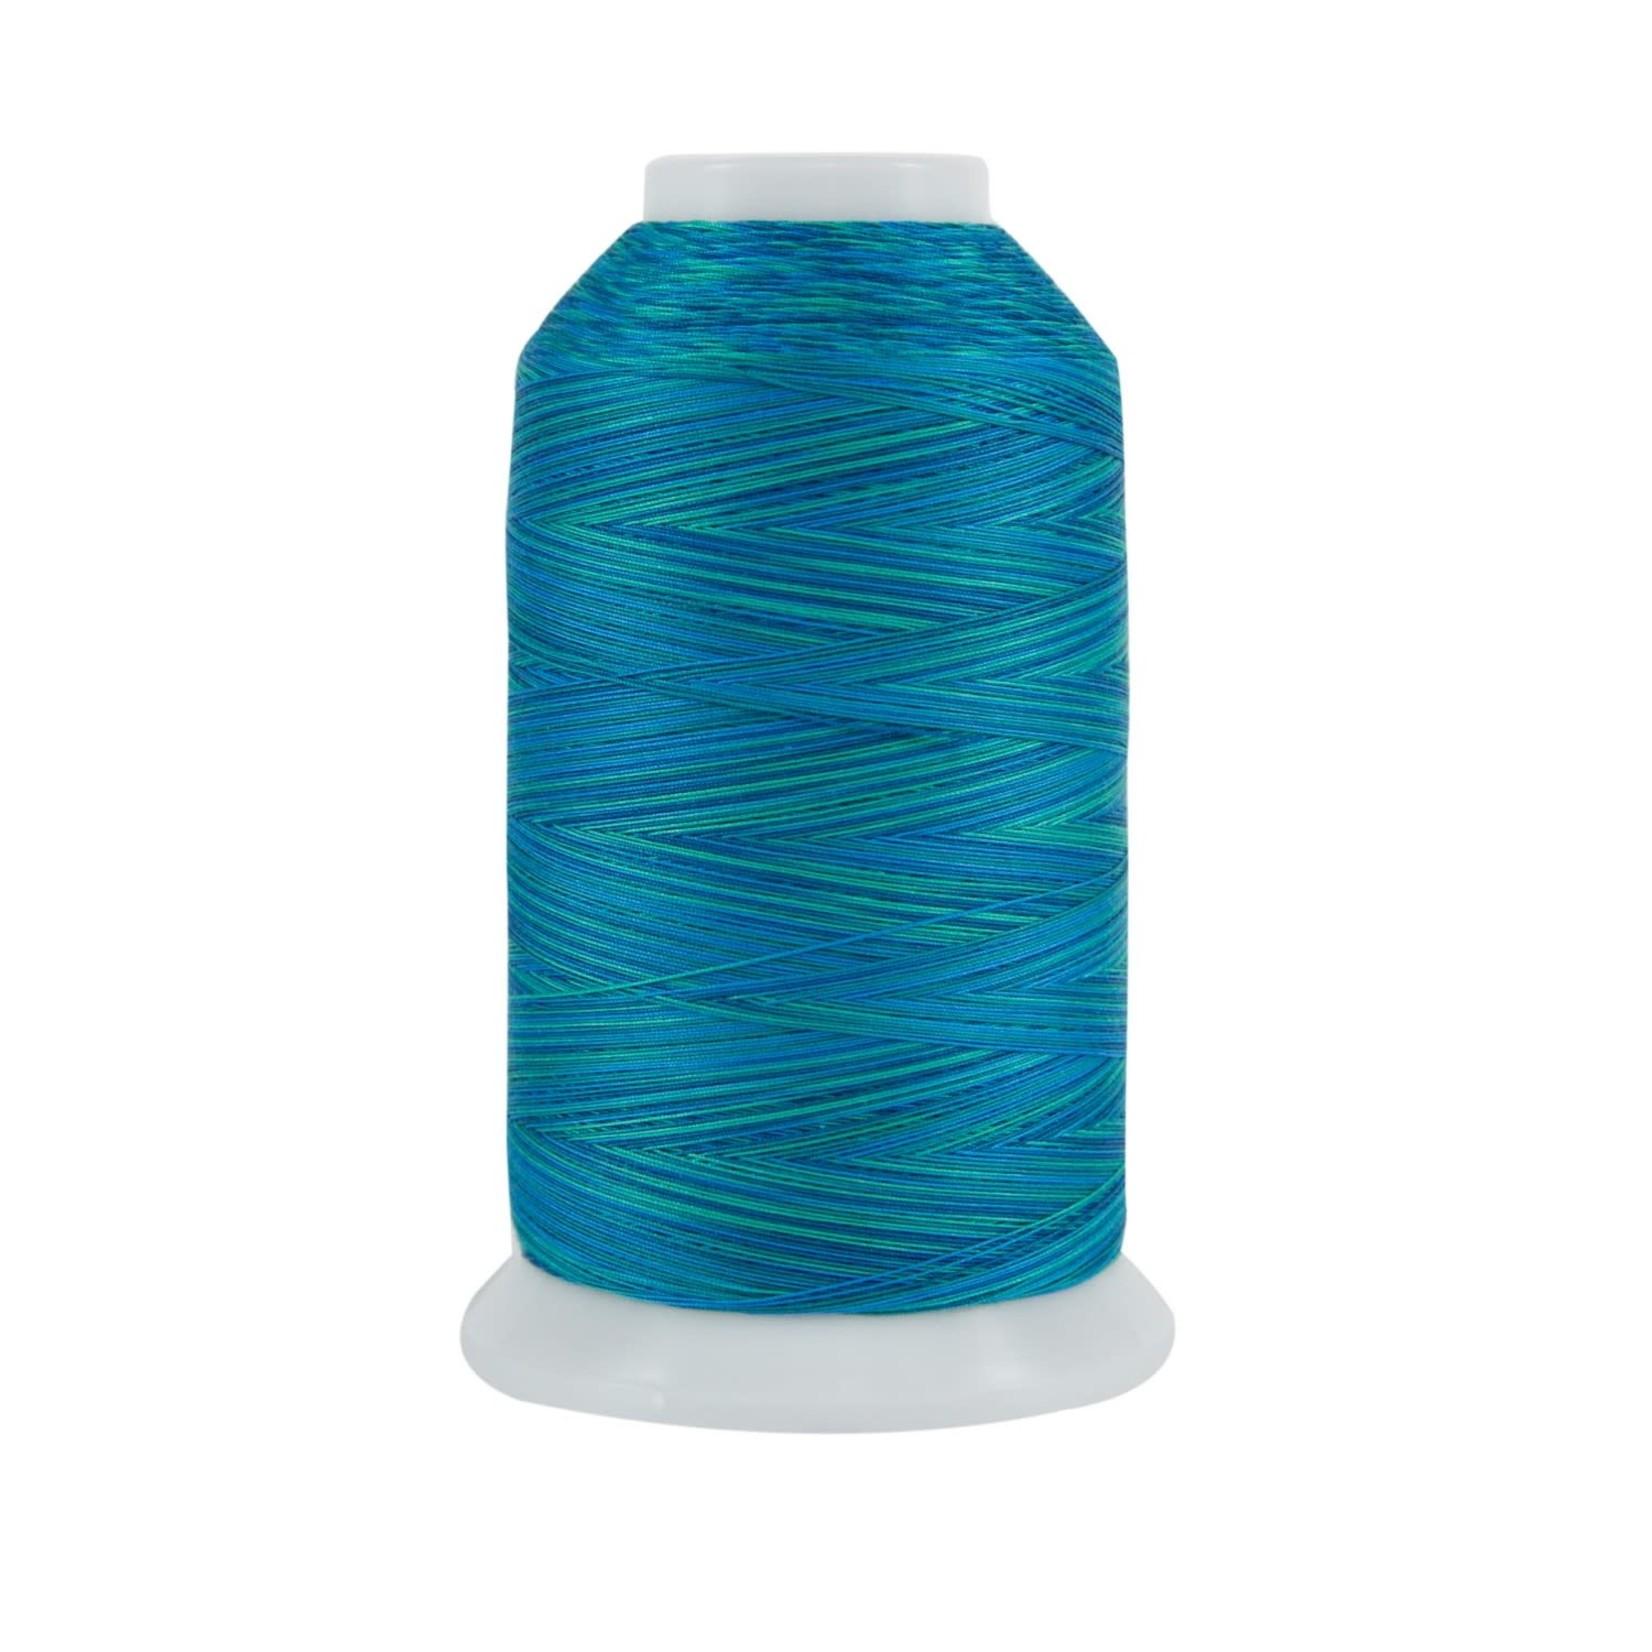 Superior Threads King Tut - #40 - 1828 m - 0927 De Nile